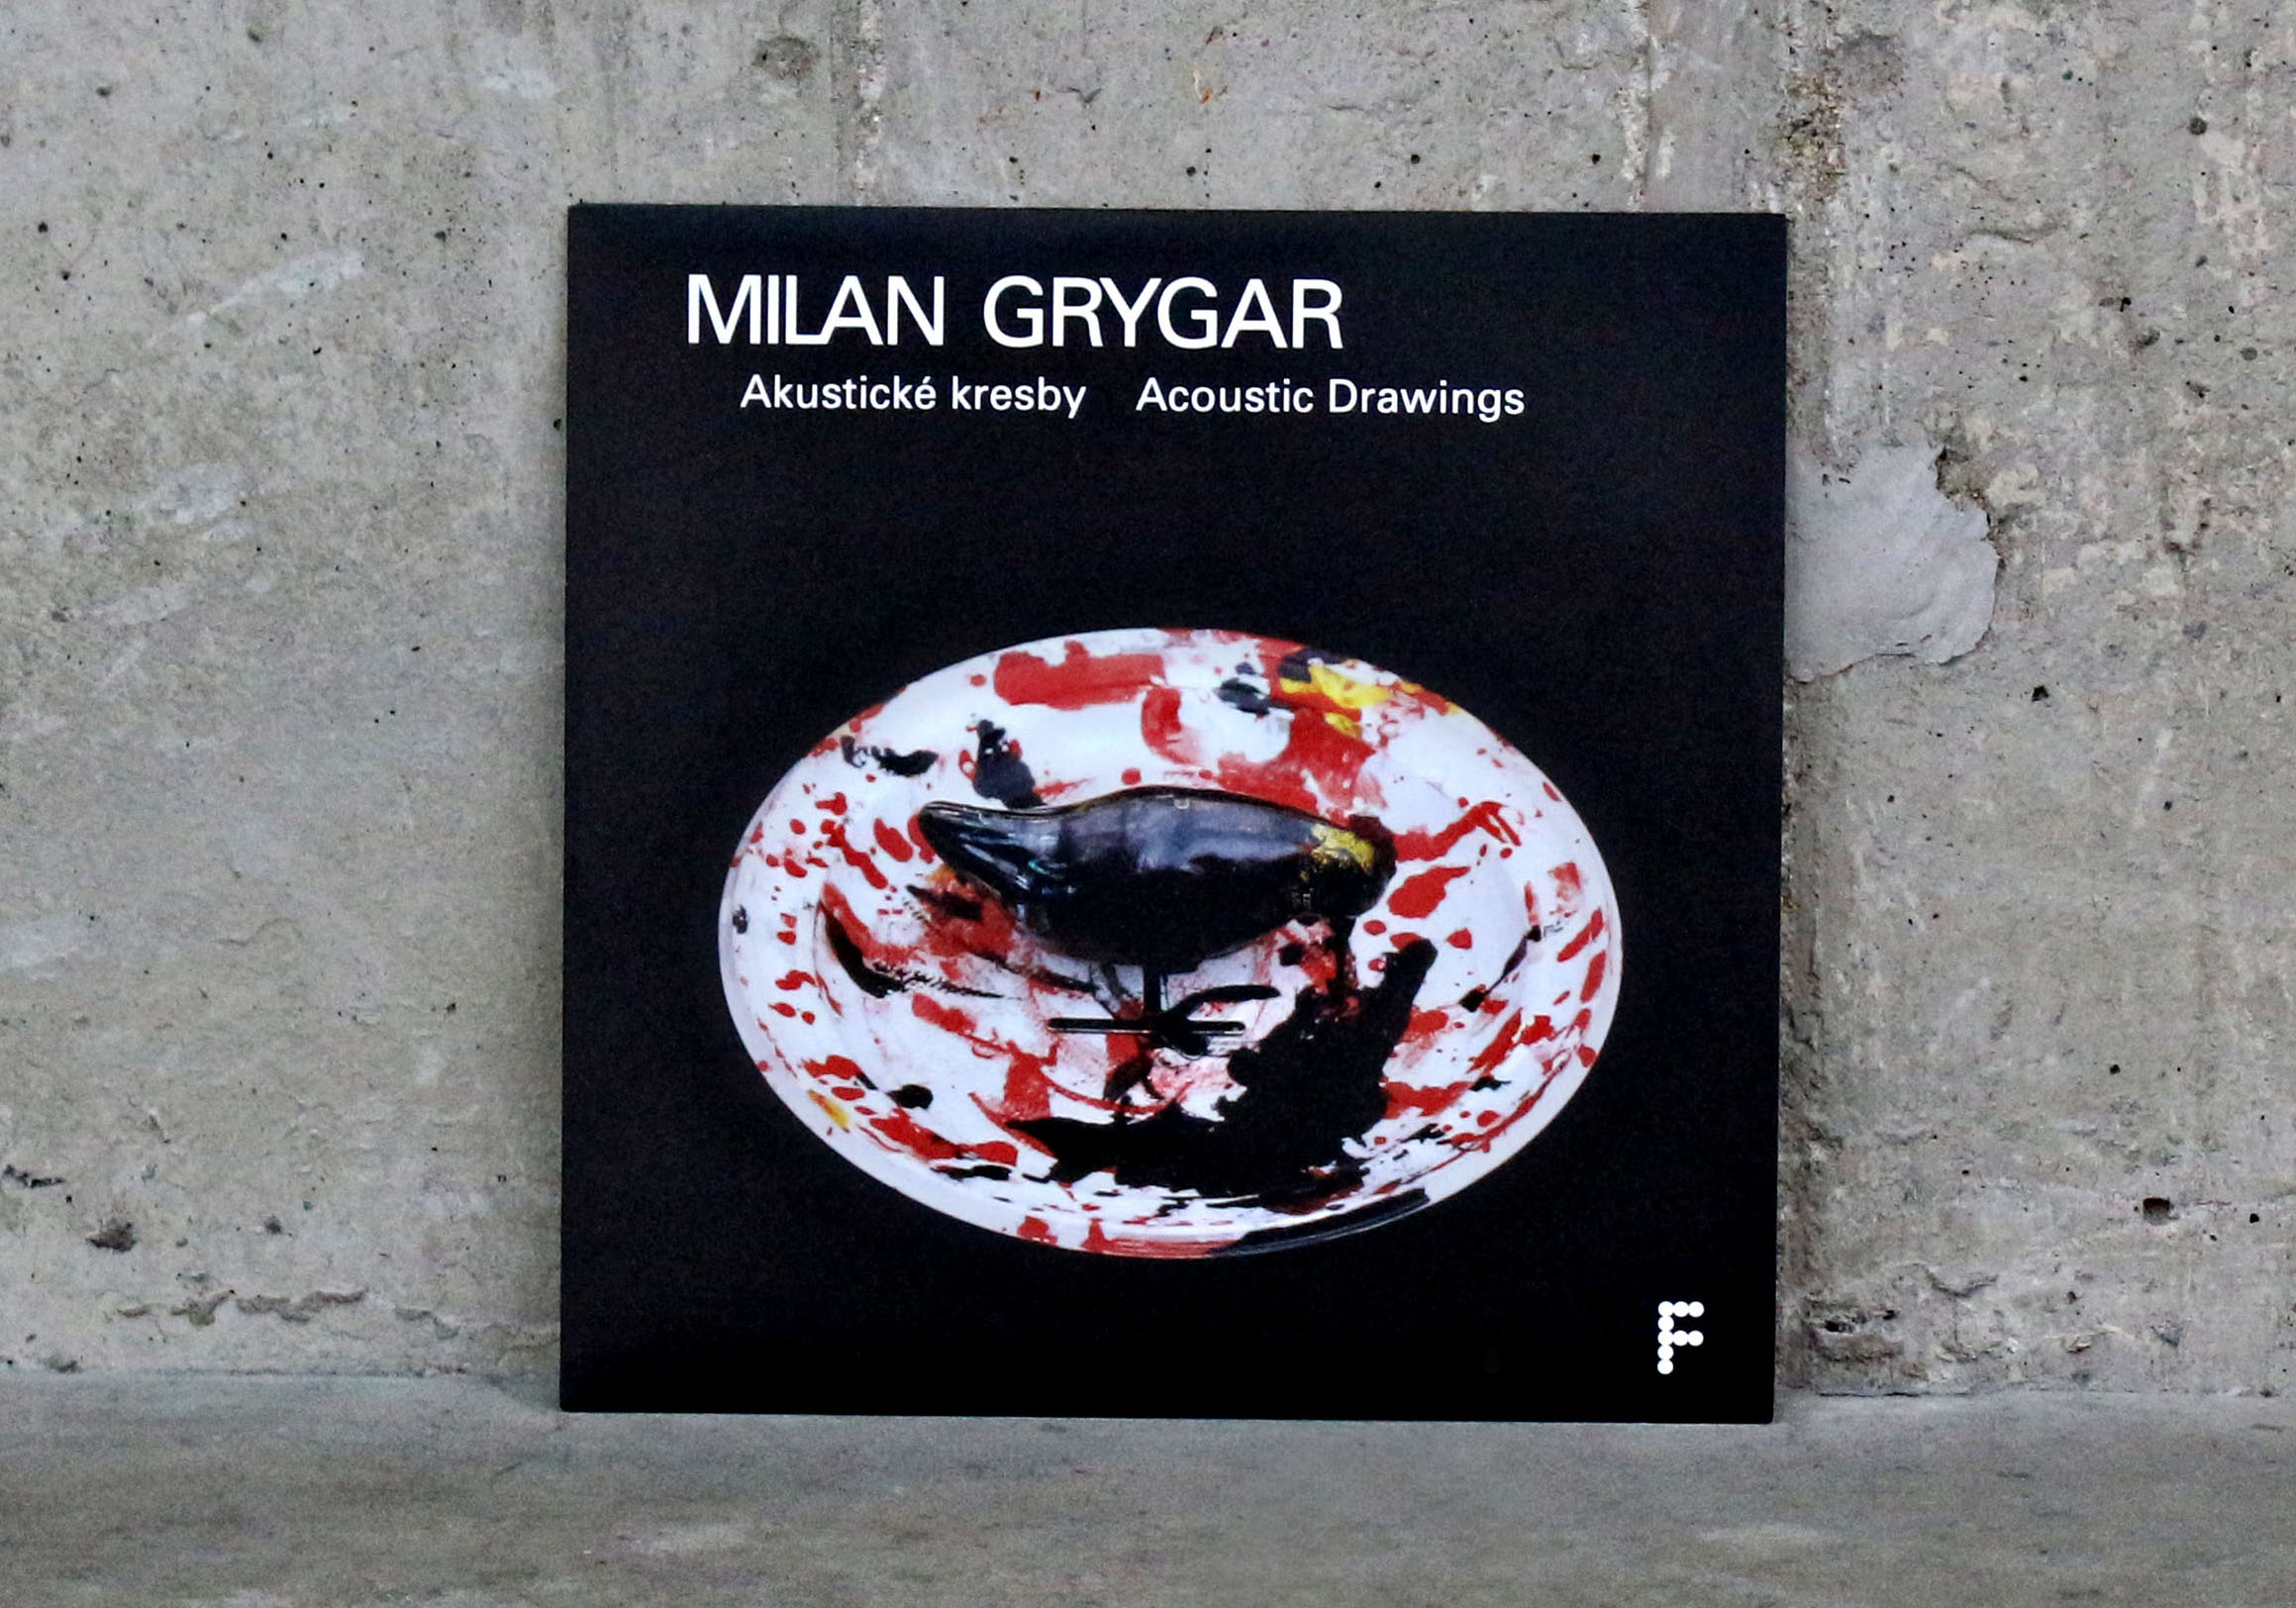 Milan Grygar Akusticke Kresby A Vizualni Partitury Fait Gallery Cz